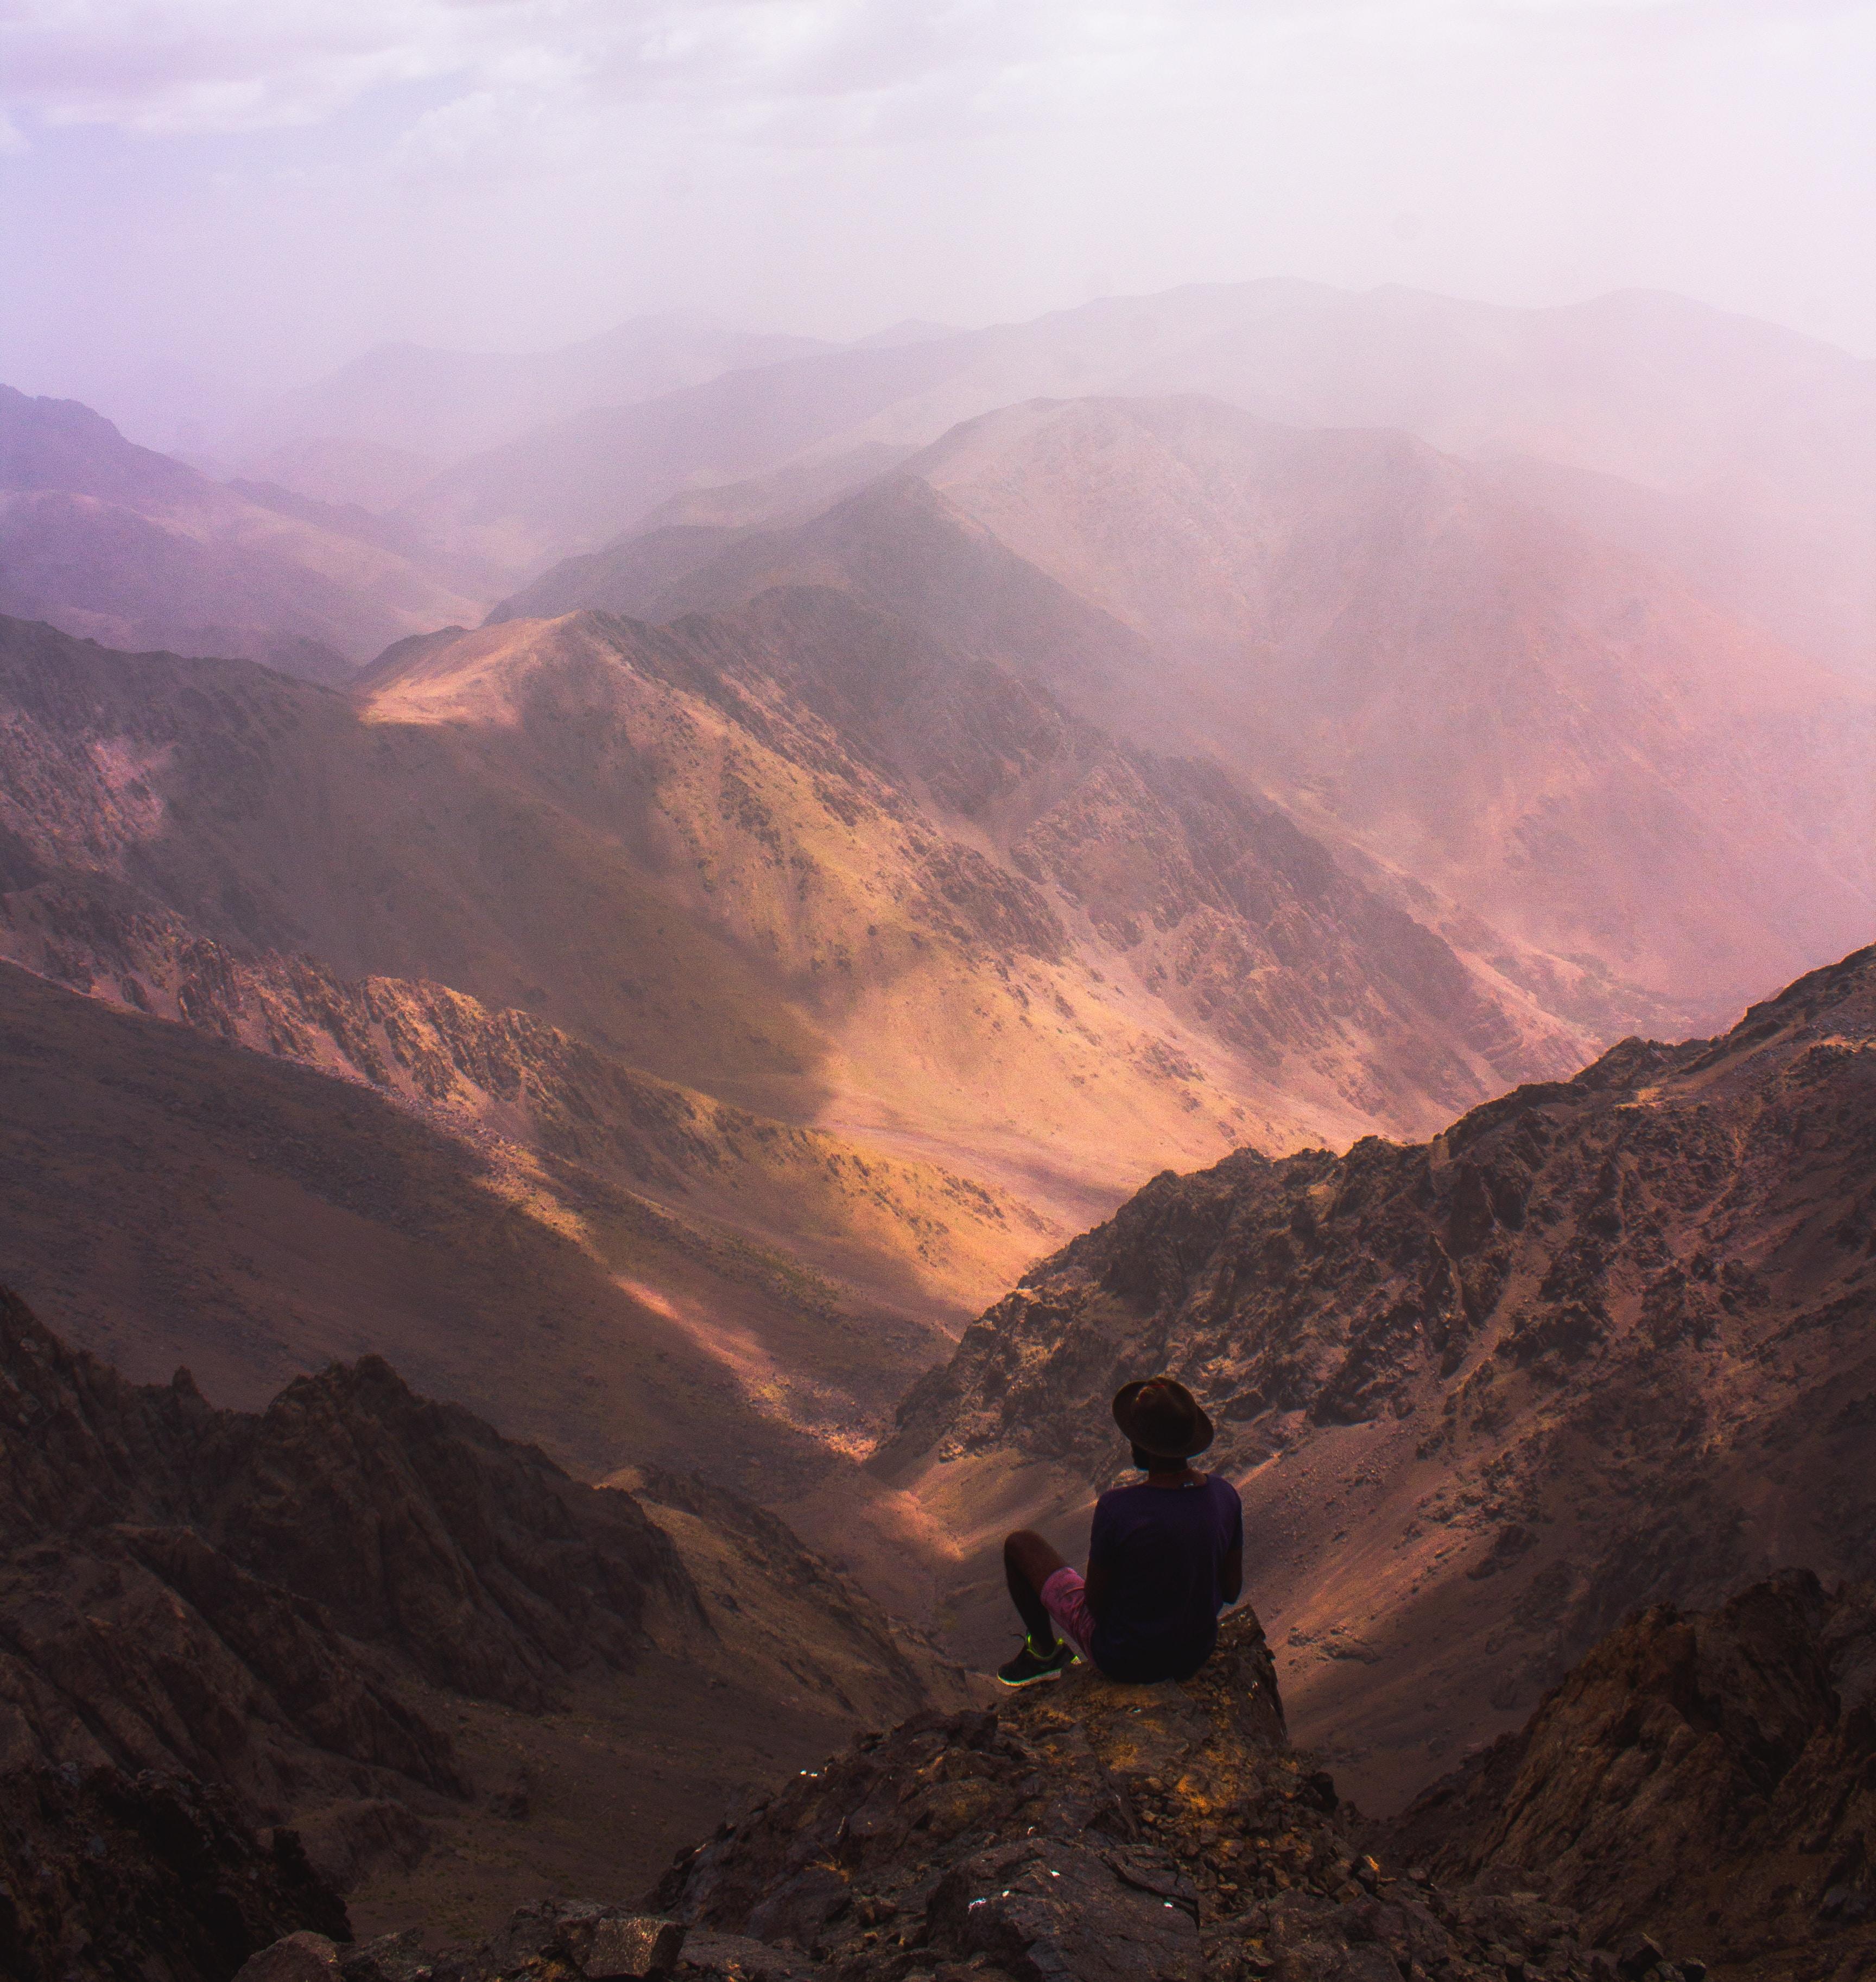 man sitting on mountain edge